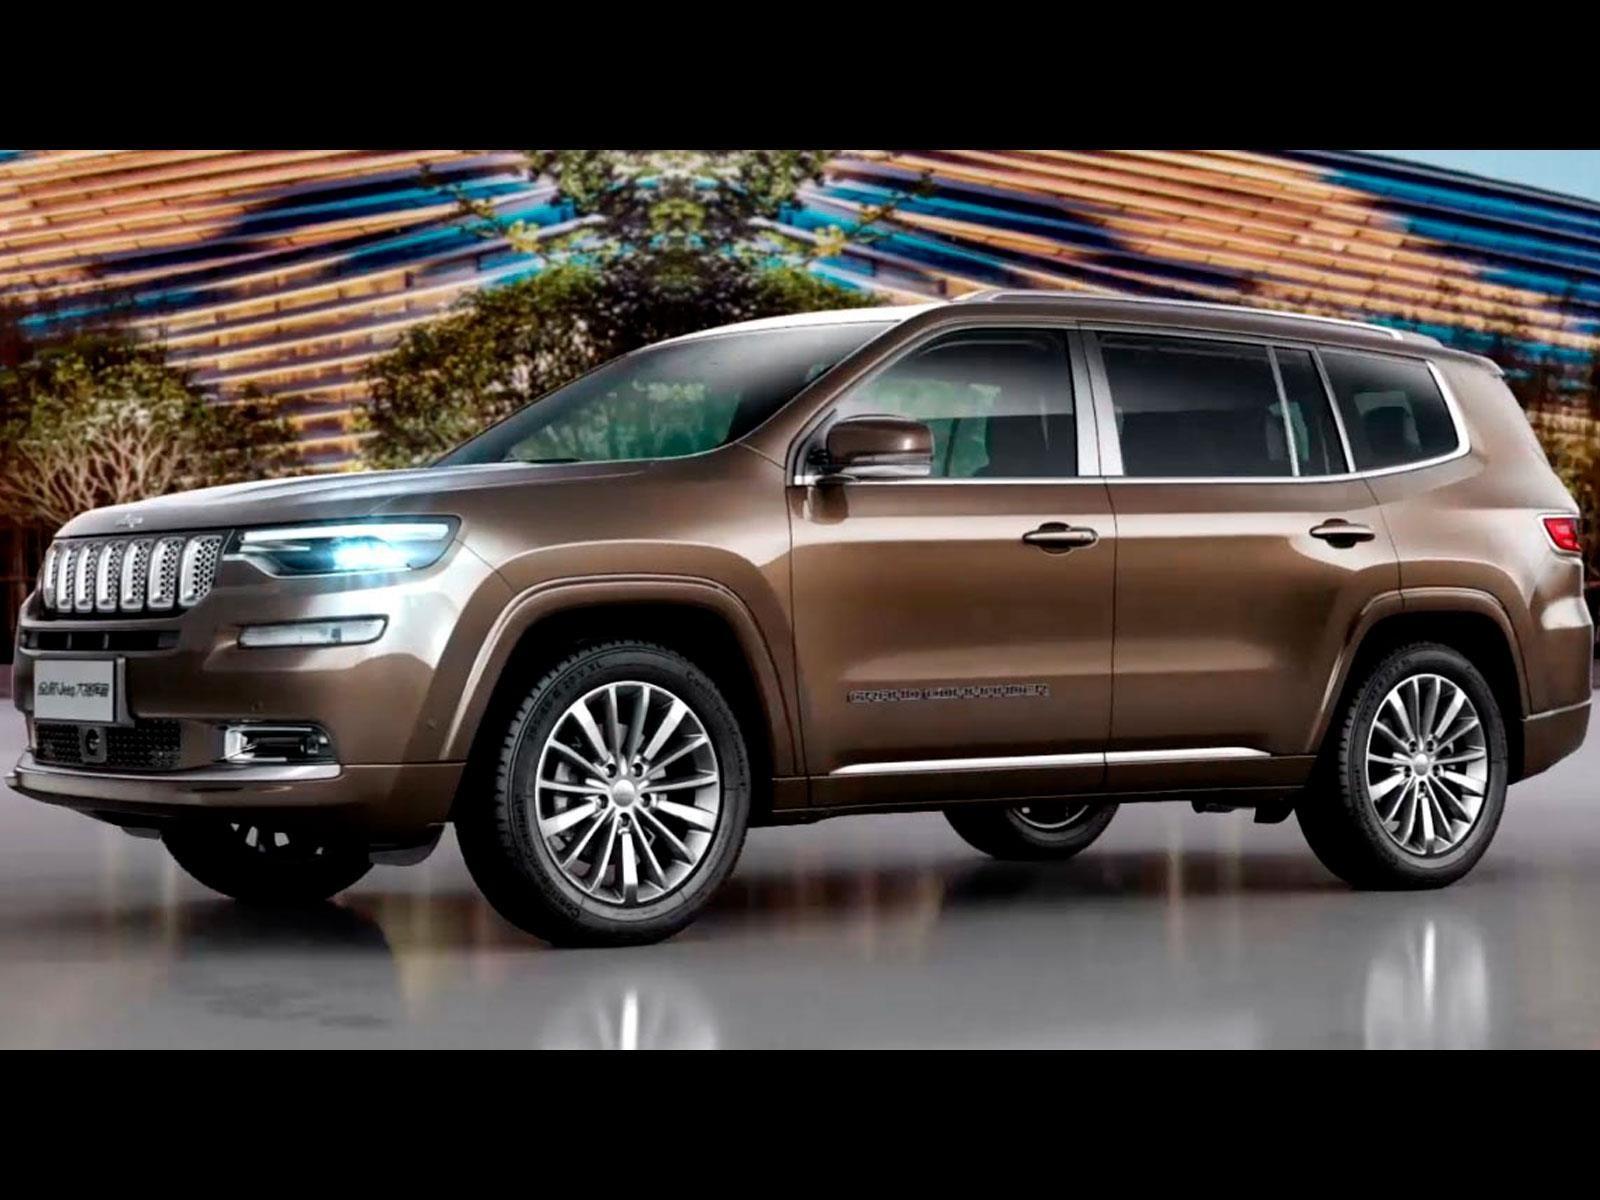 Nueva Grand Cherokee 2019 >> Jeep Grand Commander 2019, un nuevo todoterreno para siete pasajeros - Autocosmos.com